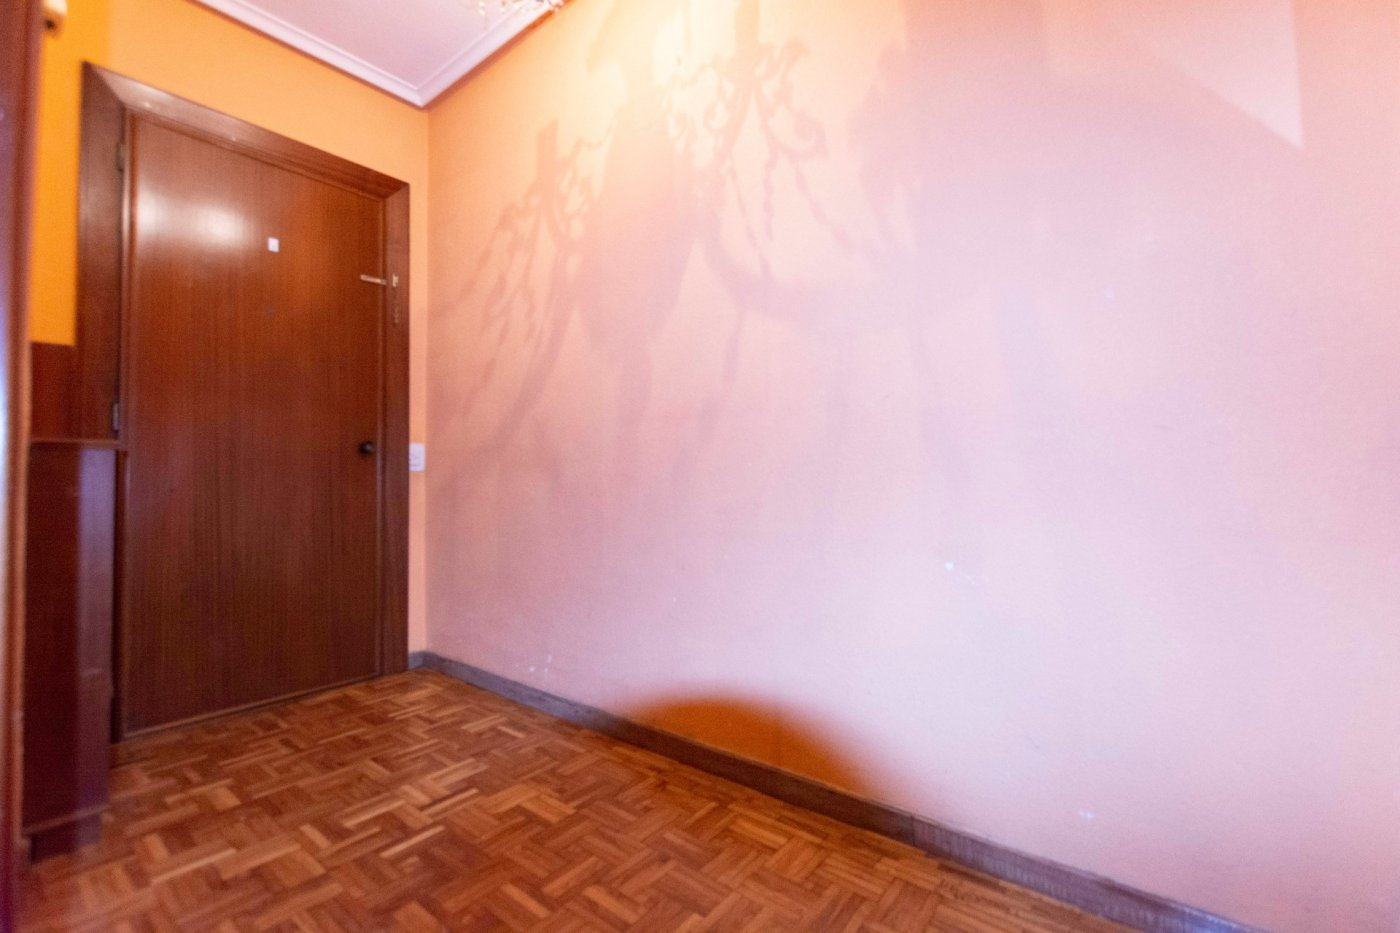 Venta de piso en oviedo - imagenInmueble11